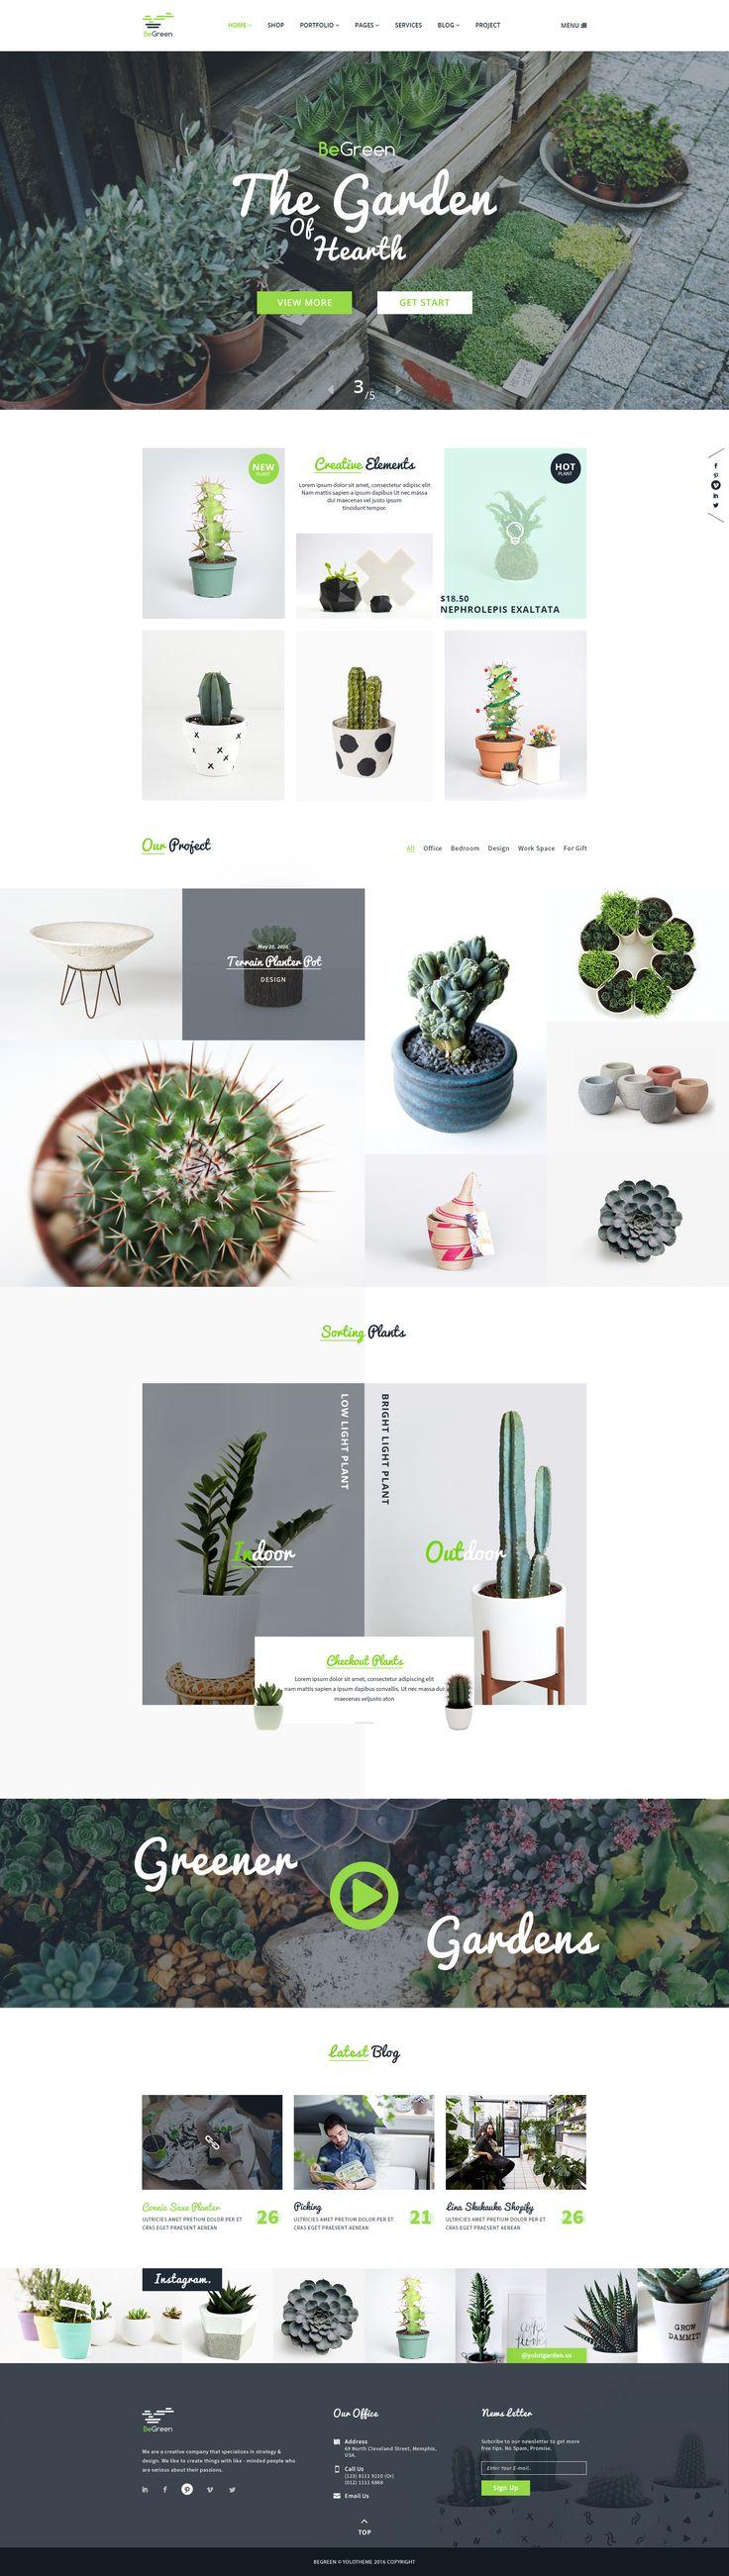 BeGreen - Multi-Purpose WordPress Theme for Planter - Landscaping- Gardening • Download ➝ https://themeforest.net/item/begreen-multipurpose-wordpress-theme-for-planter-landscaping-gardening/17464084?ref=pxcr